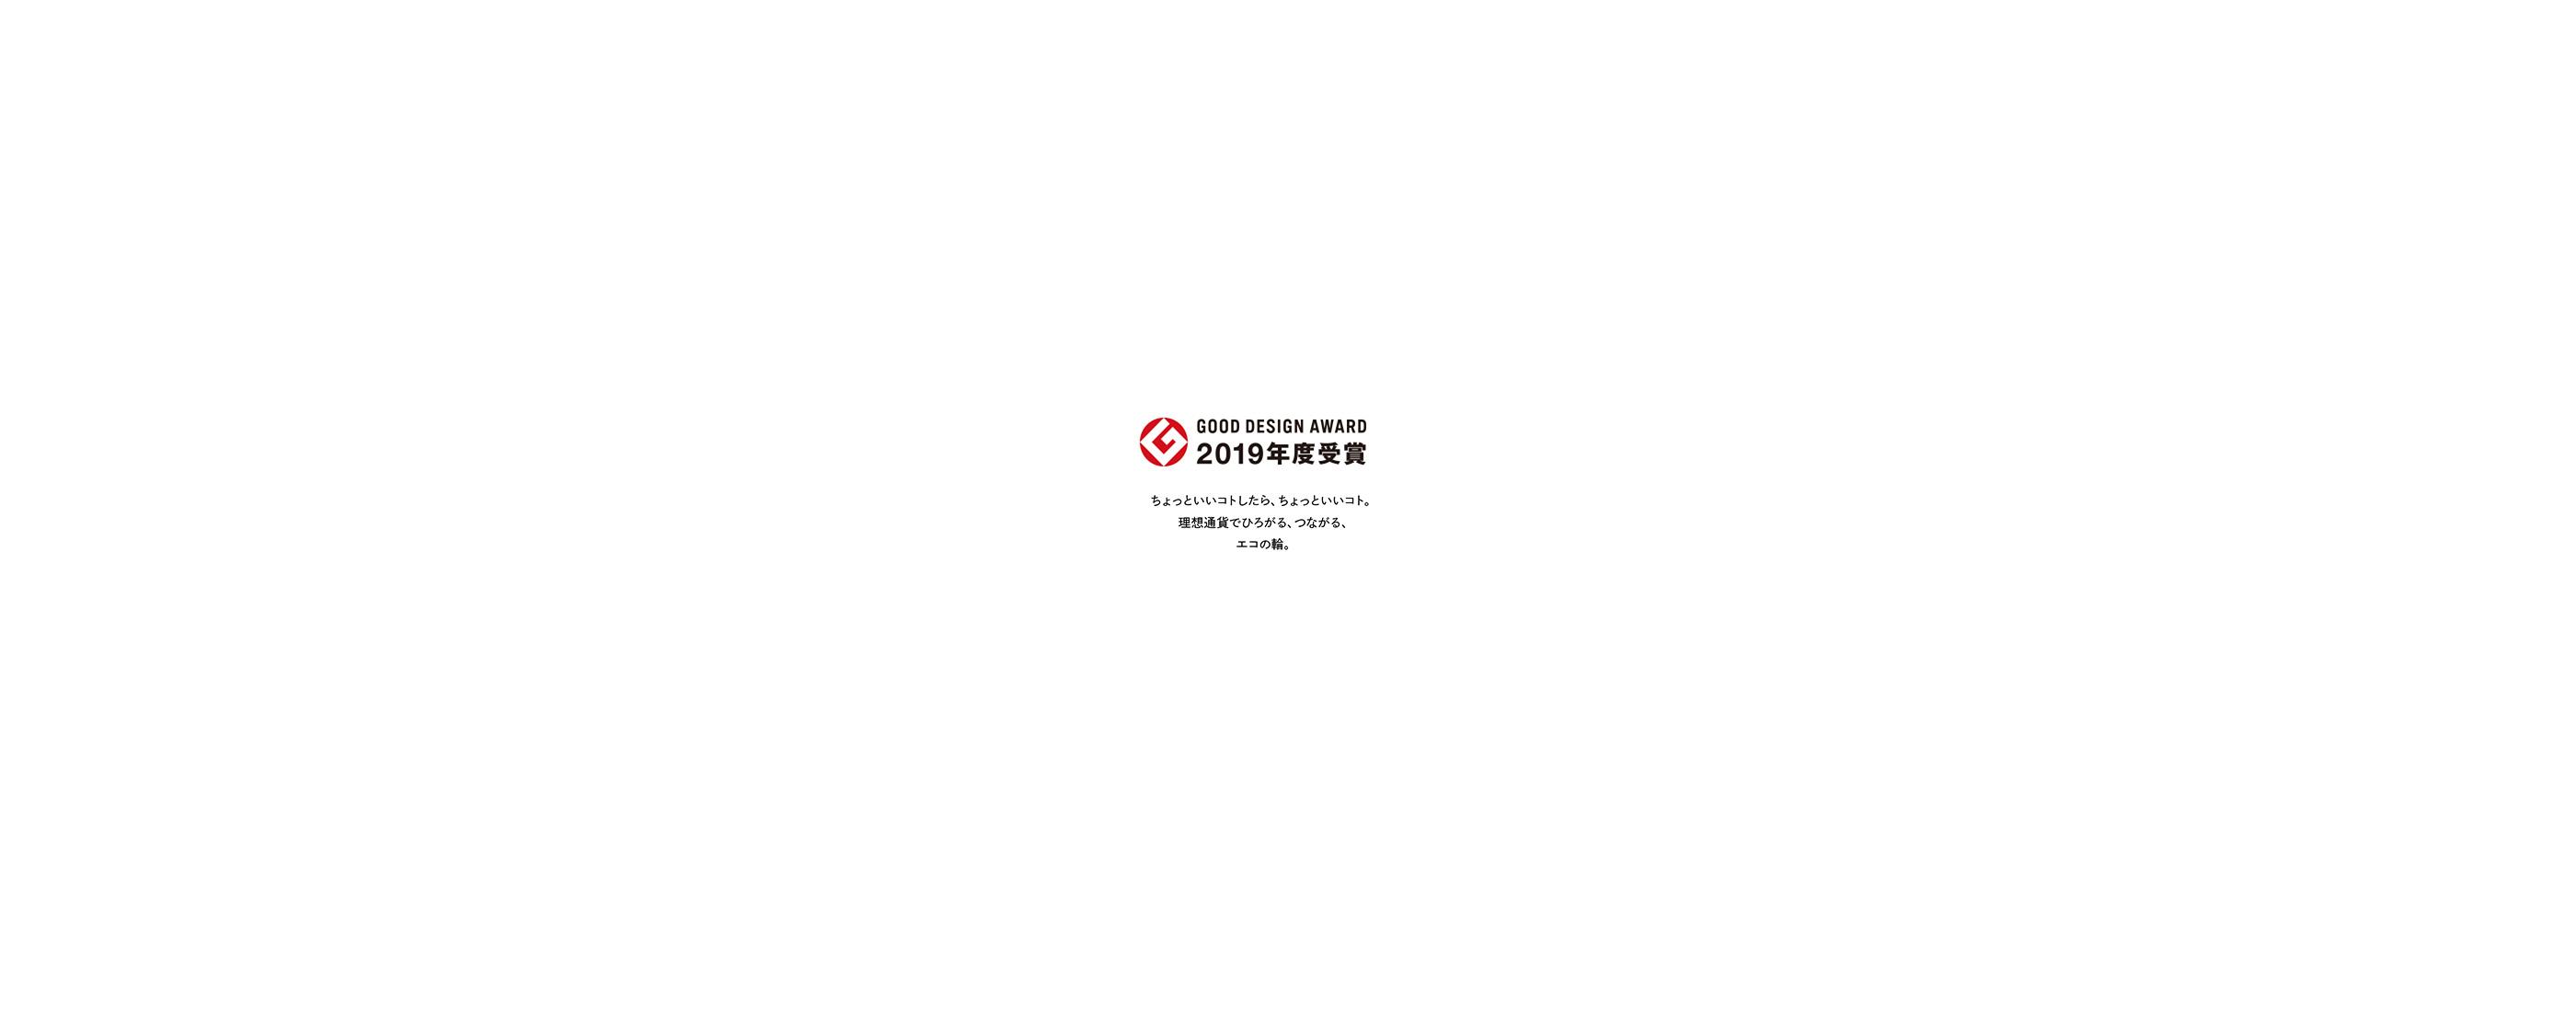 グッドデザイン賞受賞のお知らせ